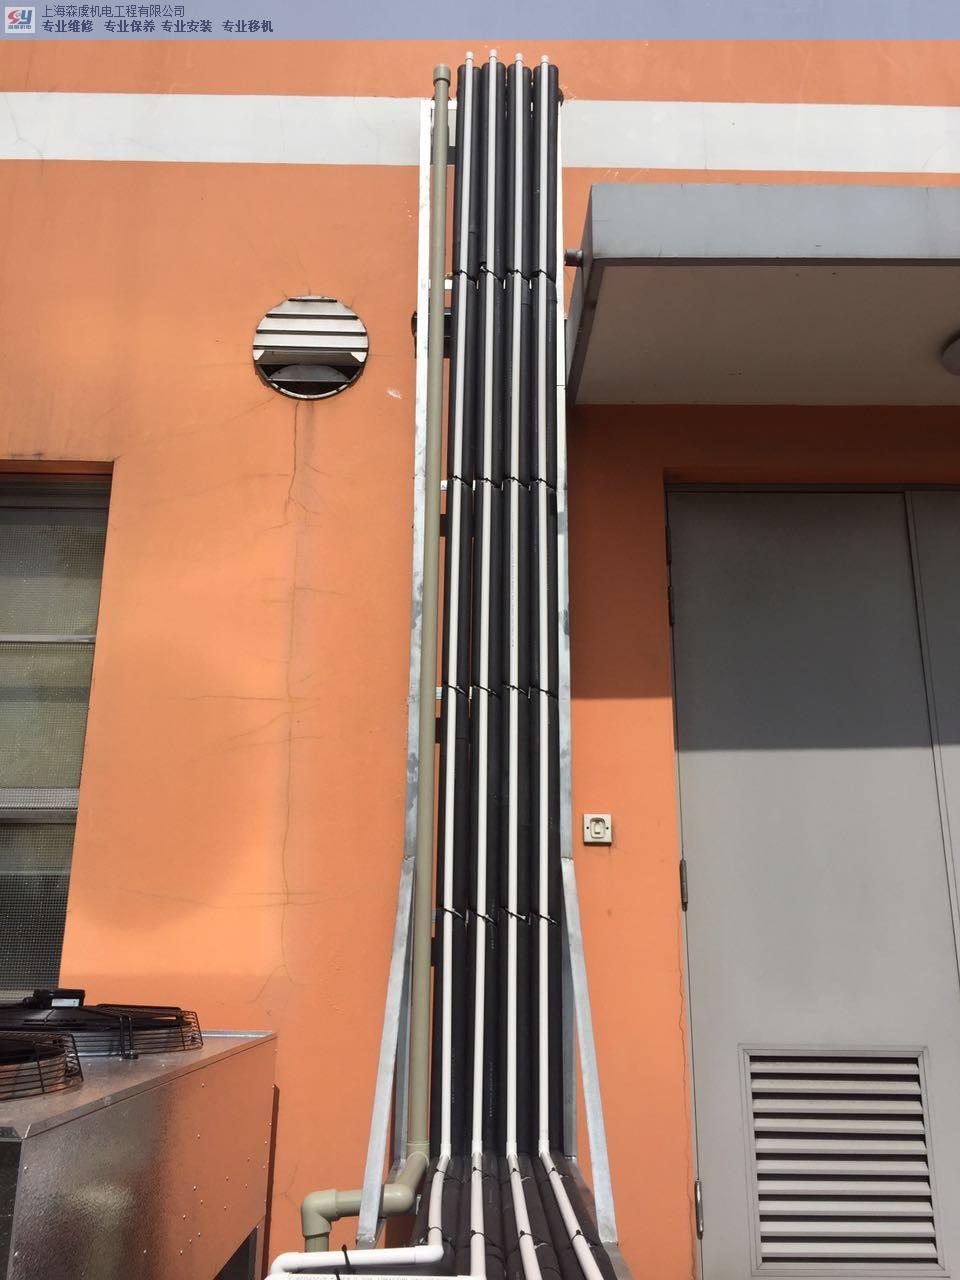 约顿机房空调清洗价格行情 服务至上 上海森虞机电工程供应